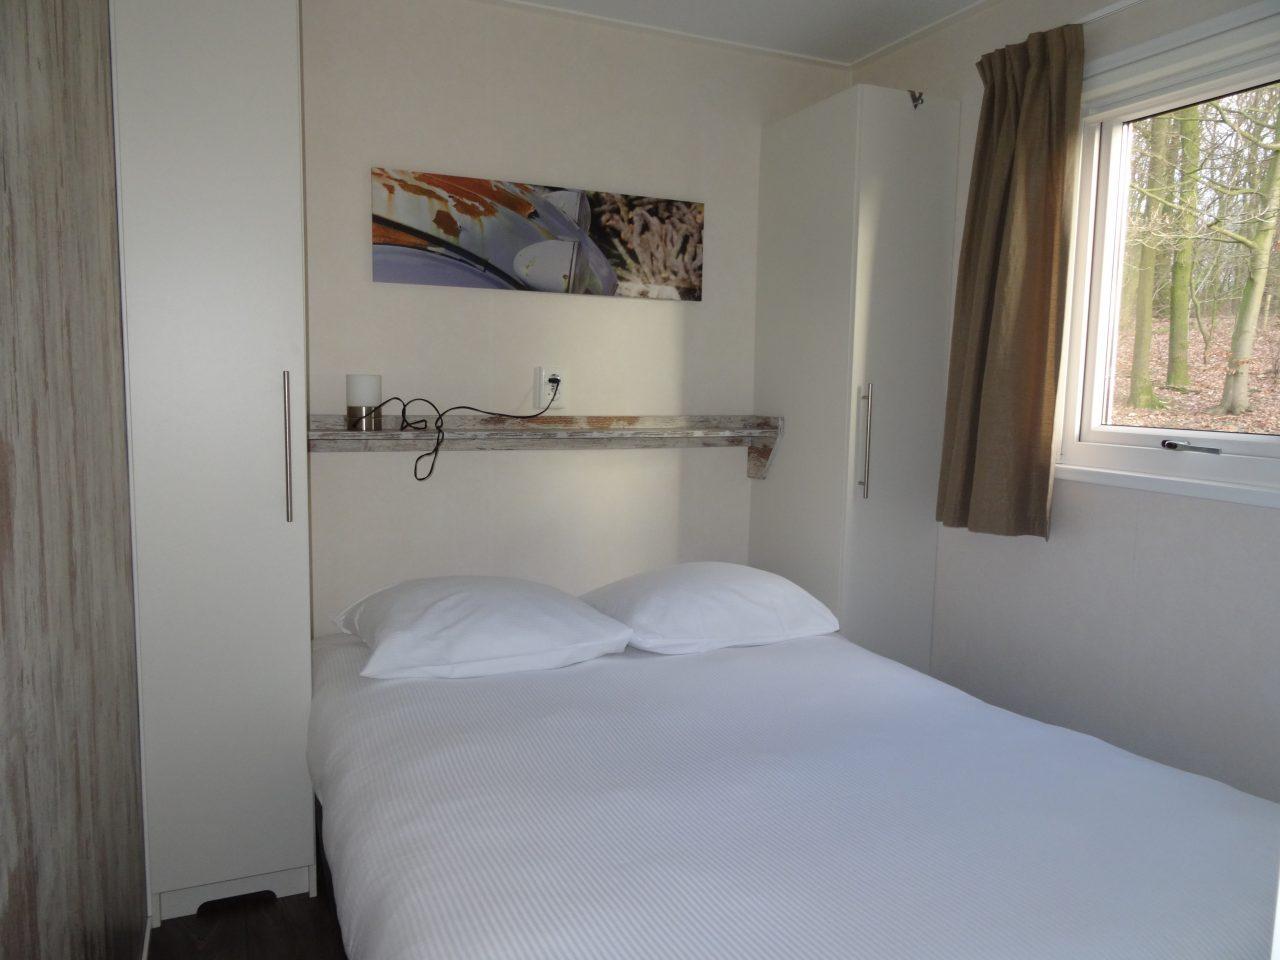 slaapkamer2p